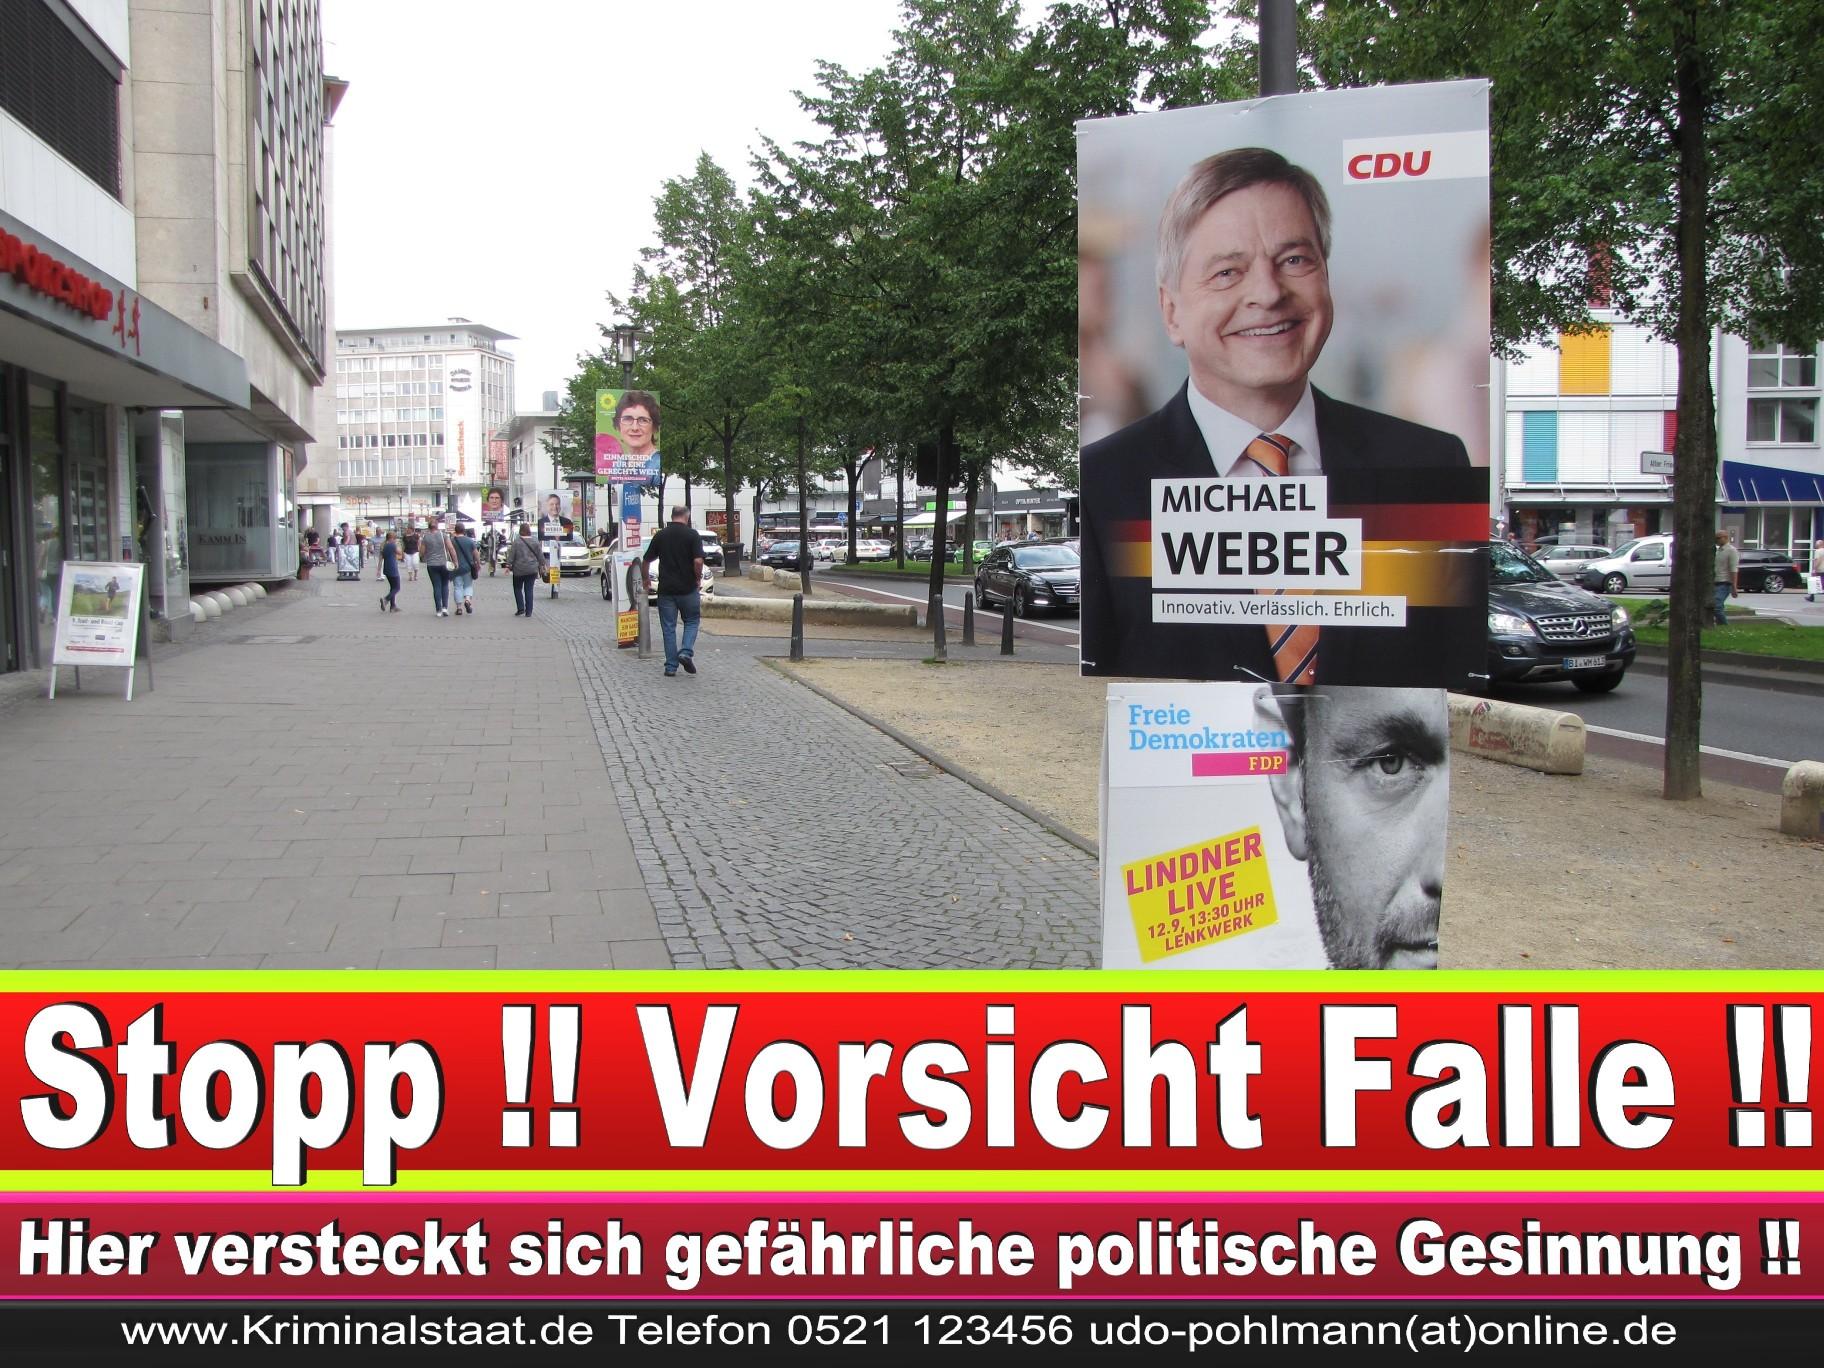 Wahlwerbung Wahlplakate Landtagswahl 2019 Europawahl CDU SPD FDP 2021 (35)